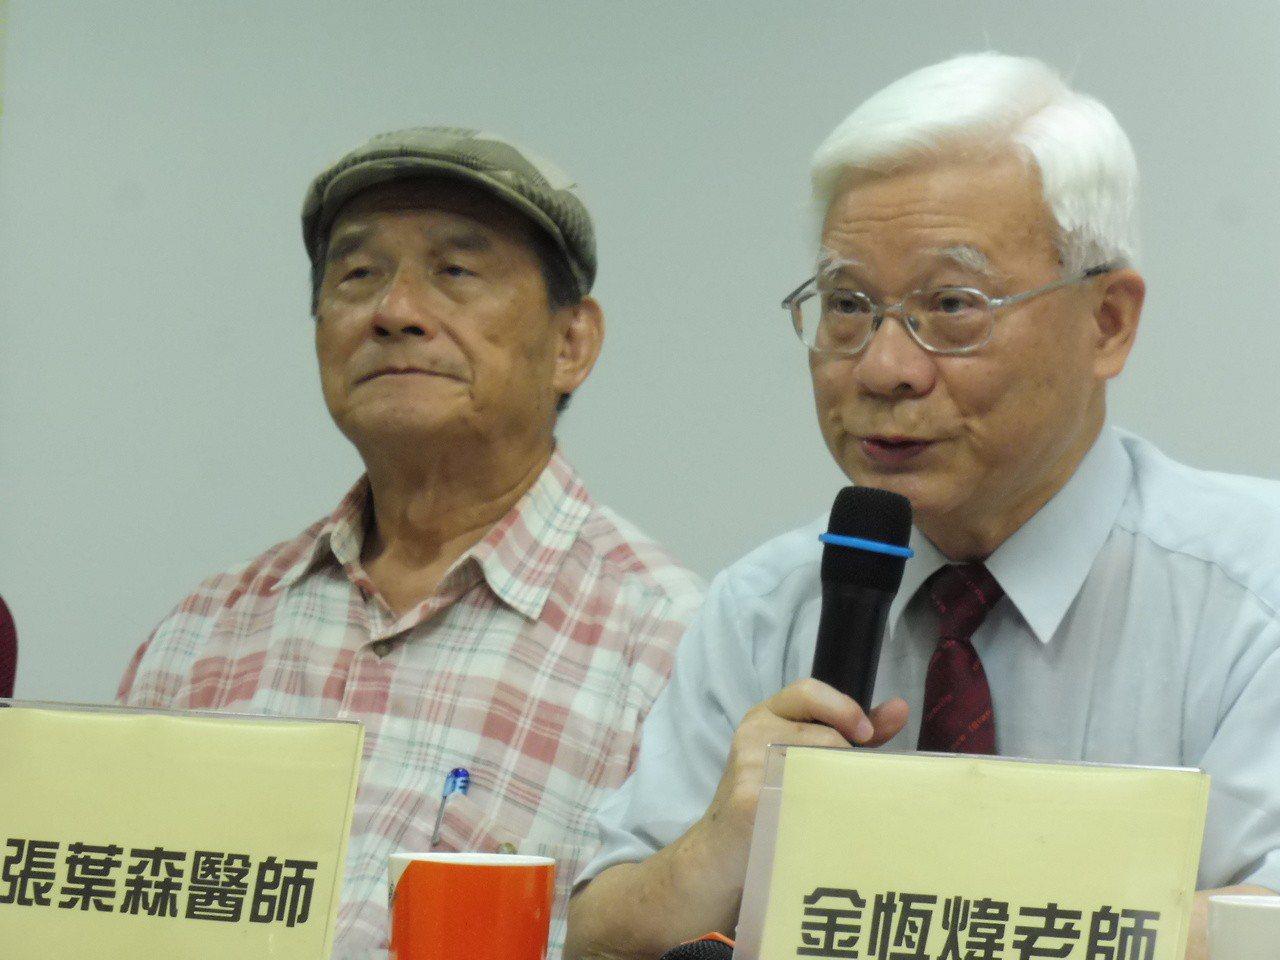 台灣社社長張葉森(右)。本報資料照片